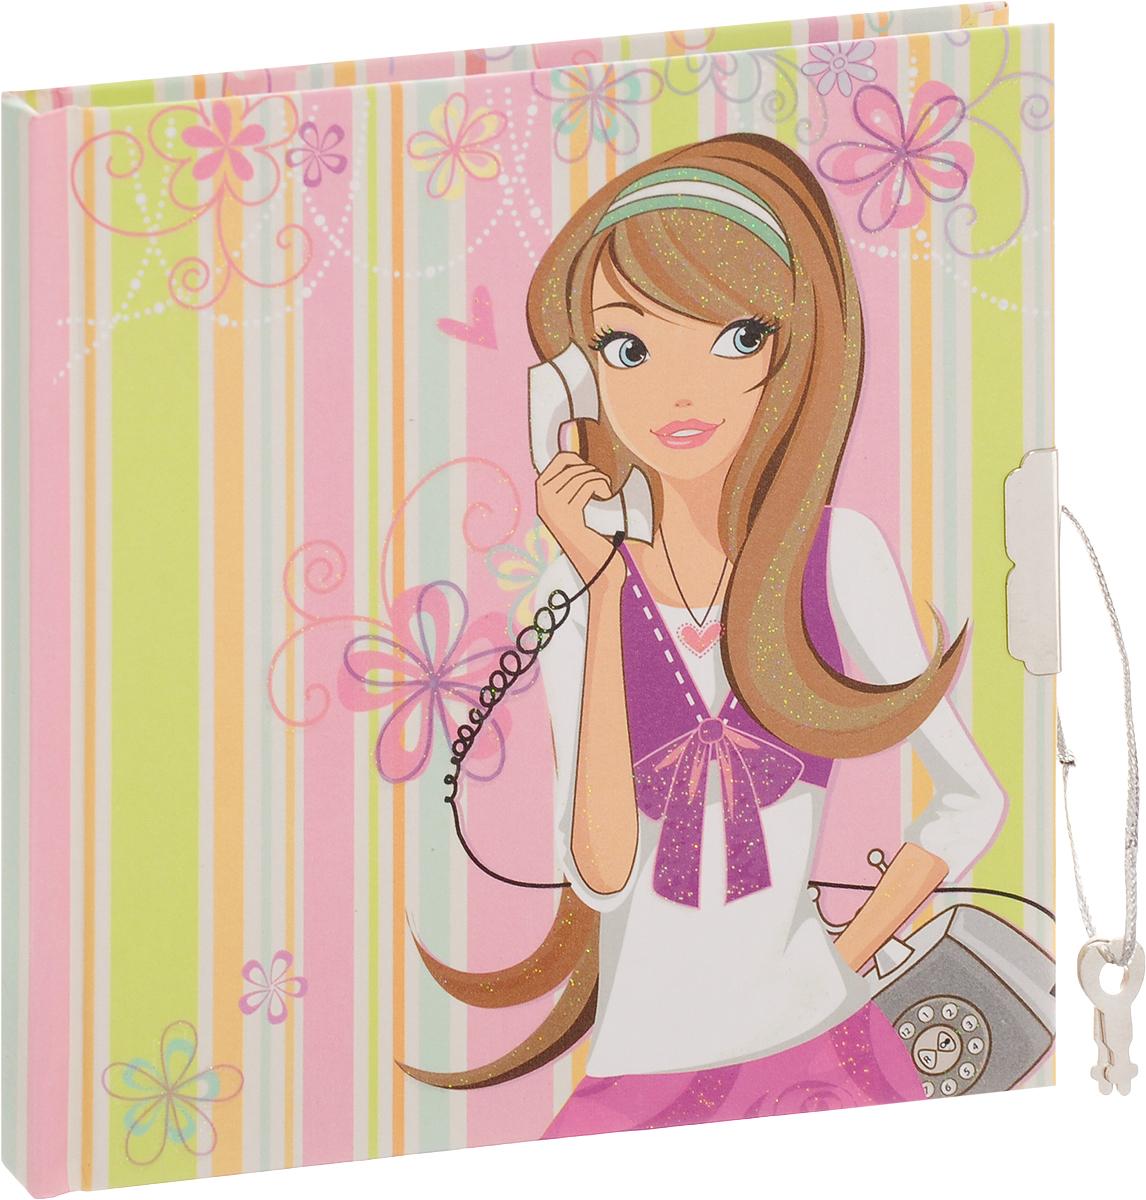 Brauberg Блокнот 60 листов в линейку цвет розовый салатовый 123549123549_розовый, салатовыйБлокнот Brauberg - незаменимый атрибут современного человека, необходимый для рабочих и повседневных записей. Этот девичий блокнот с украшенной блестками обложкой и ароматизированными листами станет отличным подарком для юной модницы. А очаровательный замочек надежно сохранит все секреты. Внутренний блок состоит из 60 листов белой бумаги. Стандартная линовка в линейку без полей. Листы блокнота на клеевой основе.